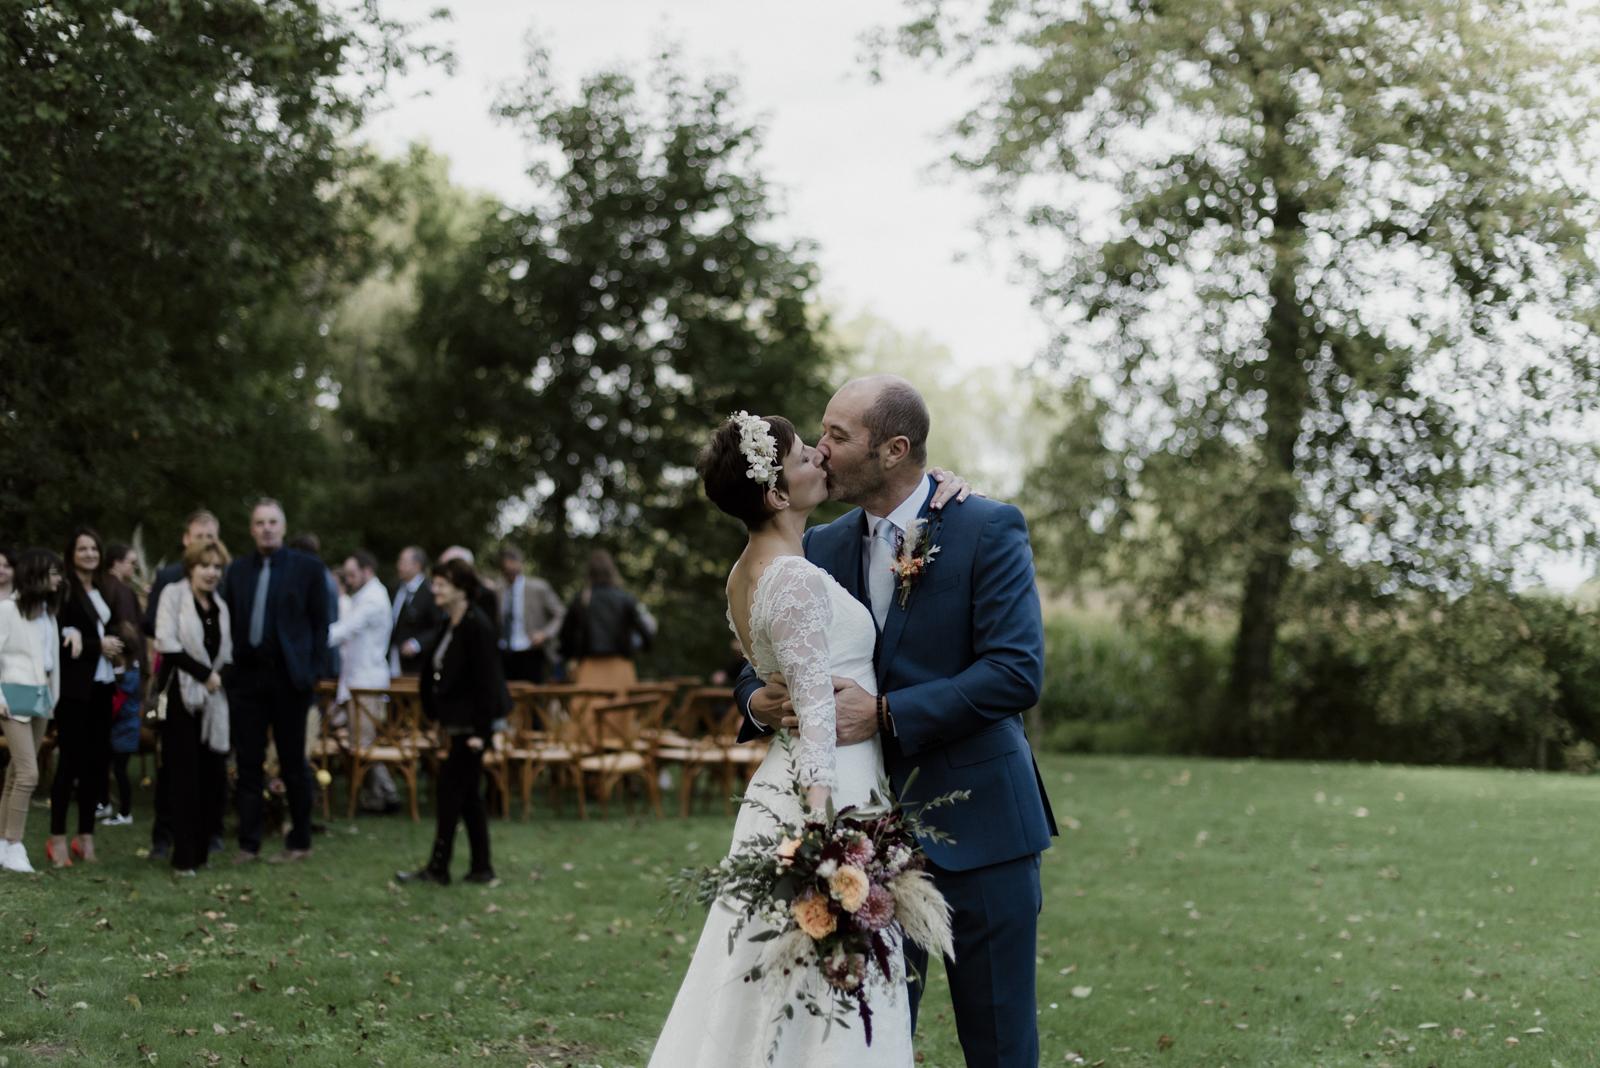 Photographe mariage domaine du kaegy strasbourg